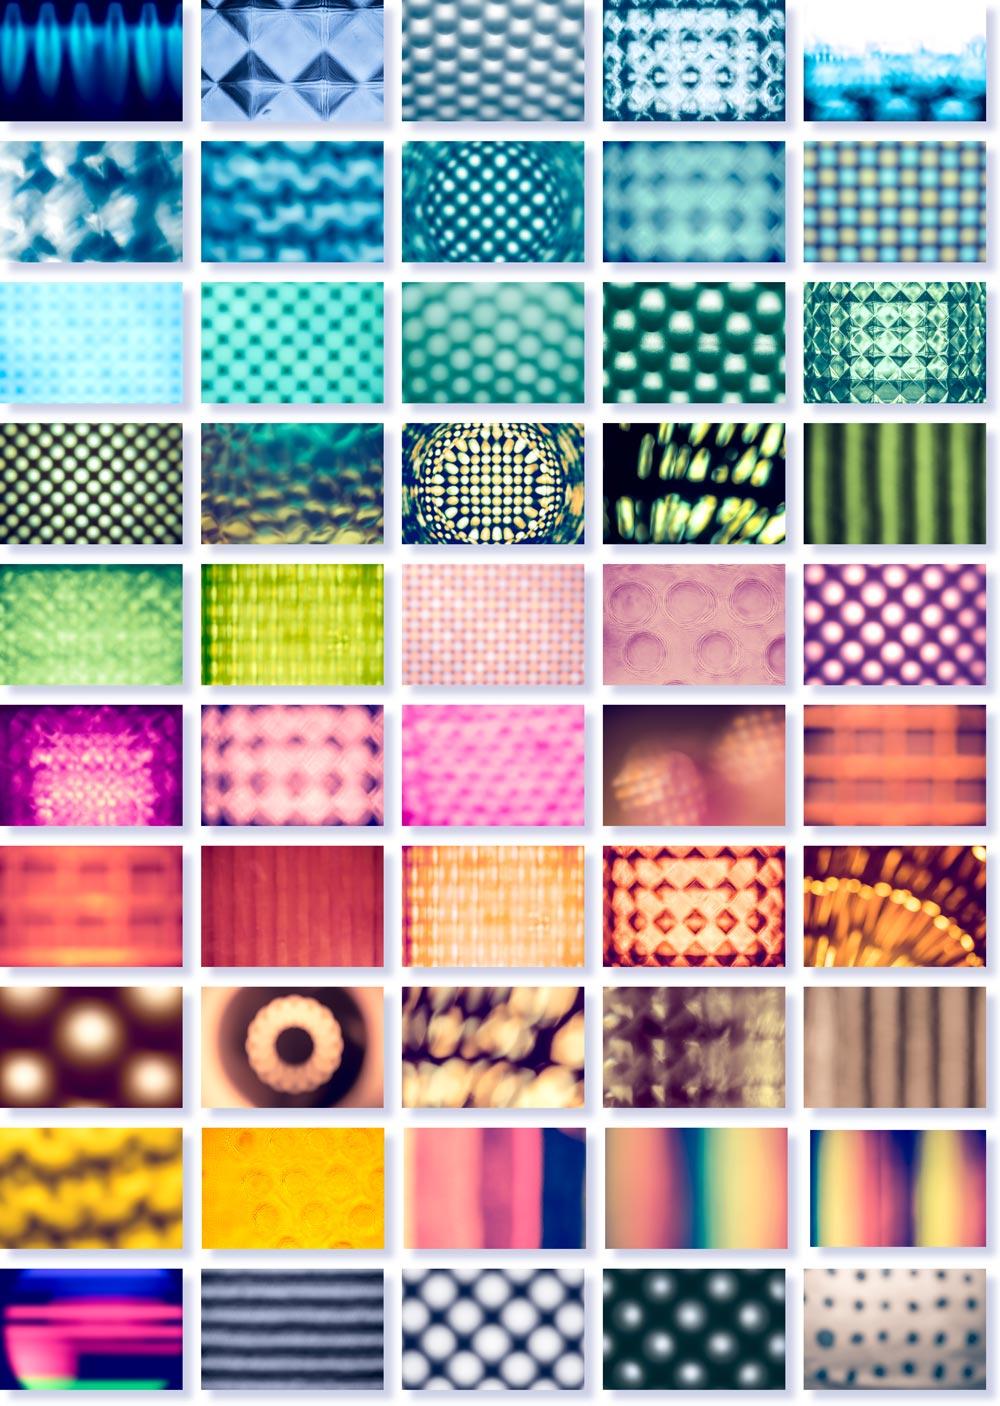 bokeh-gallery-pattern.jpg